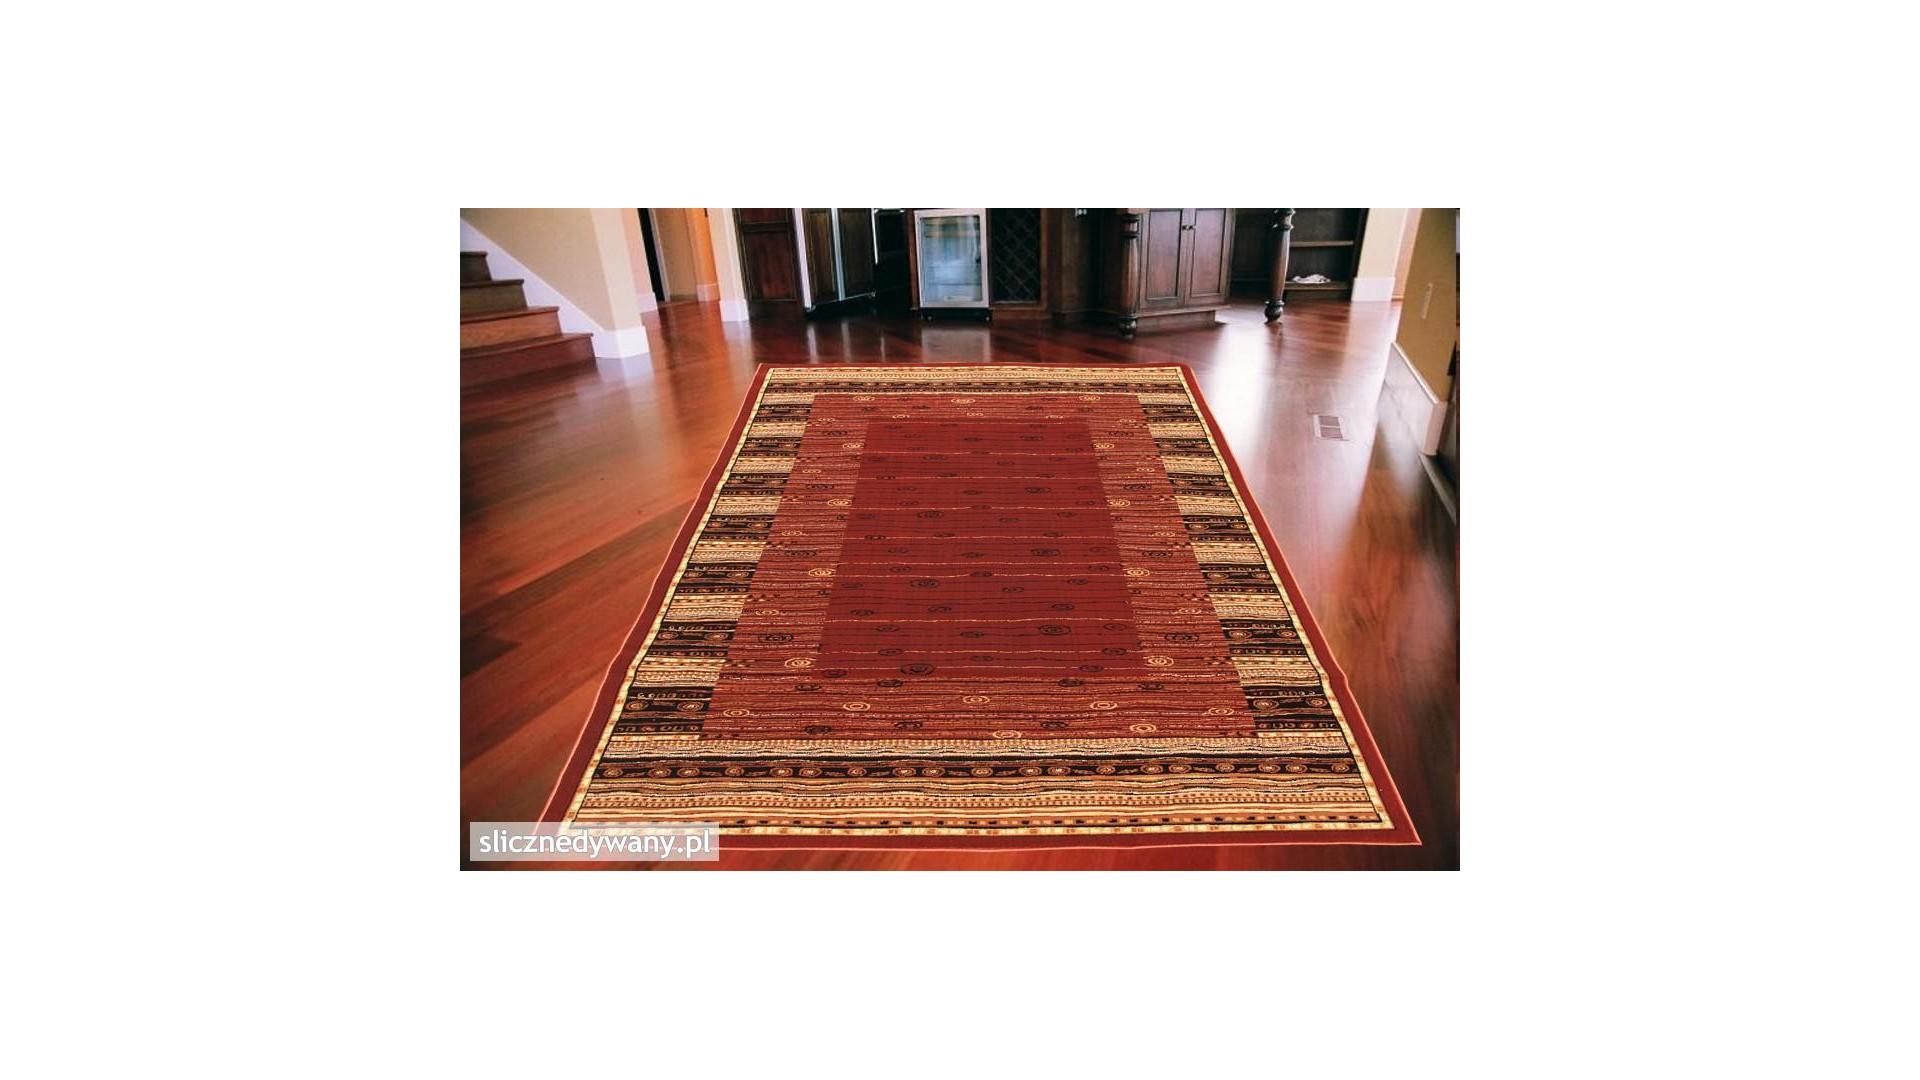 Ciemne barwy dywanu.